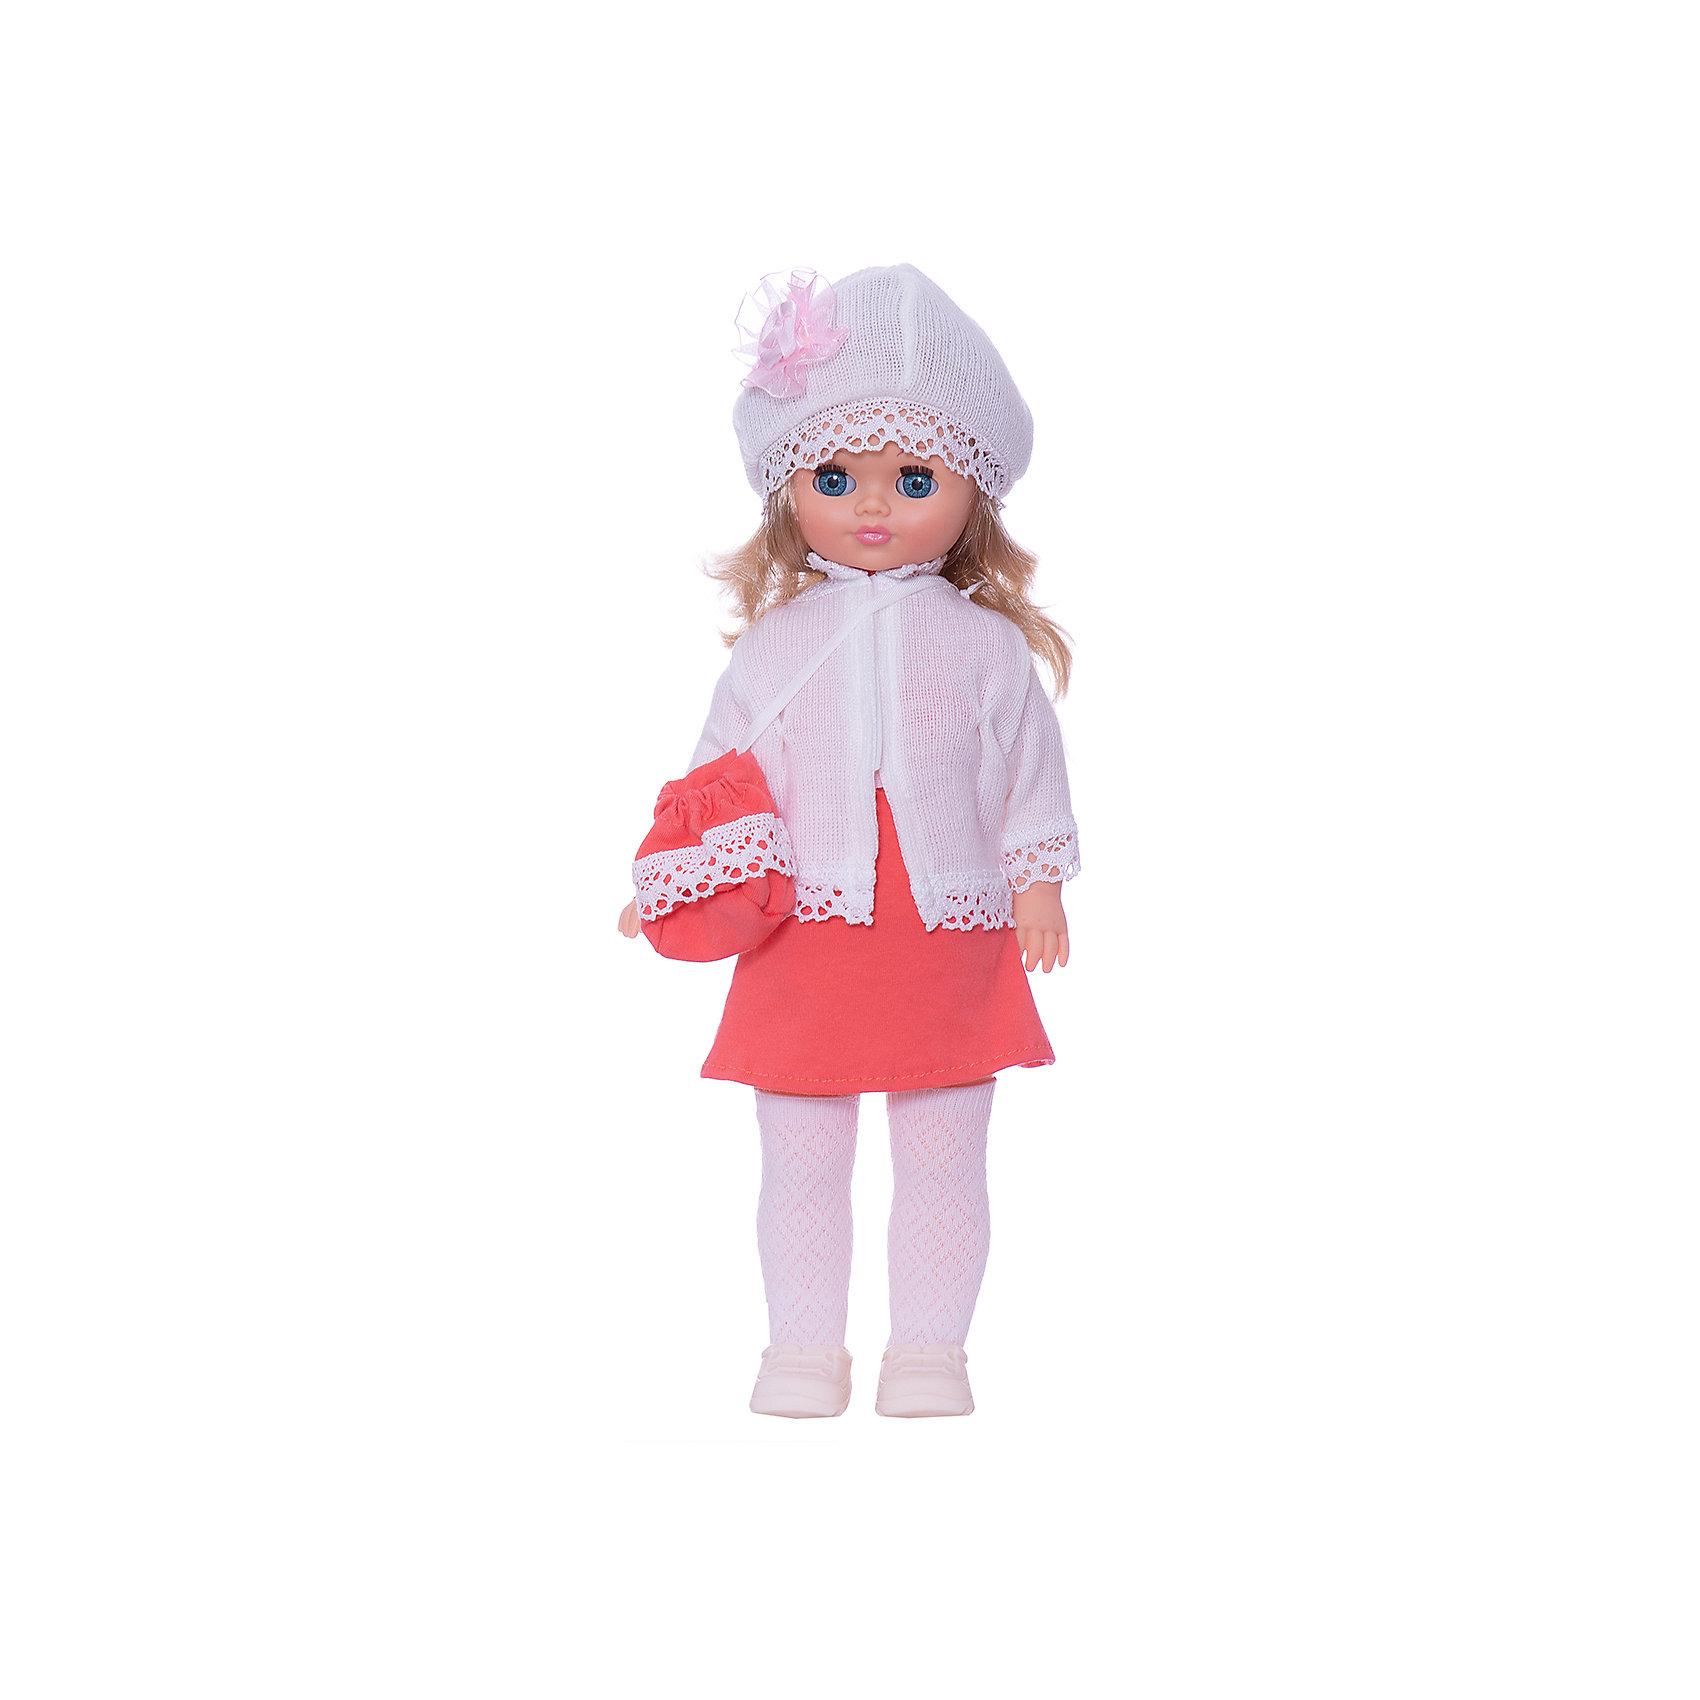 Кукла Лиза 22, со звуком, ВеснаИнтерактивные куклы<br>Красивая кукла от отечественного производителя способна не просто помочь ребенку весело проводить время, но и научить девочку одеваться со вкусом. На ней - красивый наряд с сумкой и шапочкой, обувь, всё можно снимать и надевать.<br>Кукла произносит несколько фраз, механизм работает от батареек. Очень красиво смотрятся пышные волосы, на которых можно делать прически. Сделана игрушка из качественных и безопасных для ребенка материалов. Такая кукла поможет ребенку освоить механизмы социальных взаимодействий, развить моторику и воображение. Также куклы помогают девочкам научиться заботиться о других.<br><br>Дополнительная информация:<br><br>- материал: пластмасса;<br>- волосы: прошивные;<br>- открывающиеся глаза;<br>- звуковой модуль;<br>- снимающаяся одежда и обувь;<br>- высота: 42 см.<br><br>Комплектация:<br><br>- одежда;<br>- три батарейки СЦ 357.<br><br>Куклу Лиза 22, со звуком, от марки Весна можно купить в нашем магазине.<br><br>Ширина мм: 420<br>Глубина мм: 240<br>Высота мм: 440<br>Вес г: 750<br>Возраст от месяцев: 36<br>Возраст до месяцев: 1188<br>Пол: Женский<br>Возраст: Детский<br>SKU: 4701857